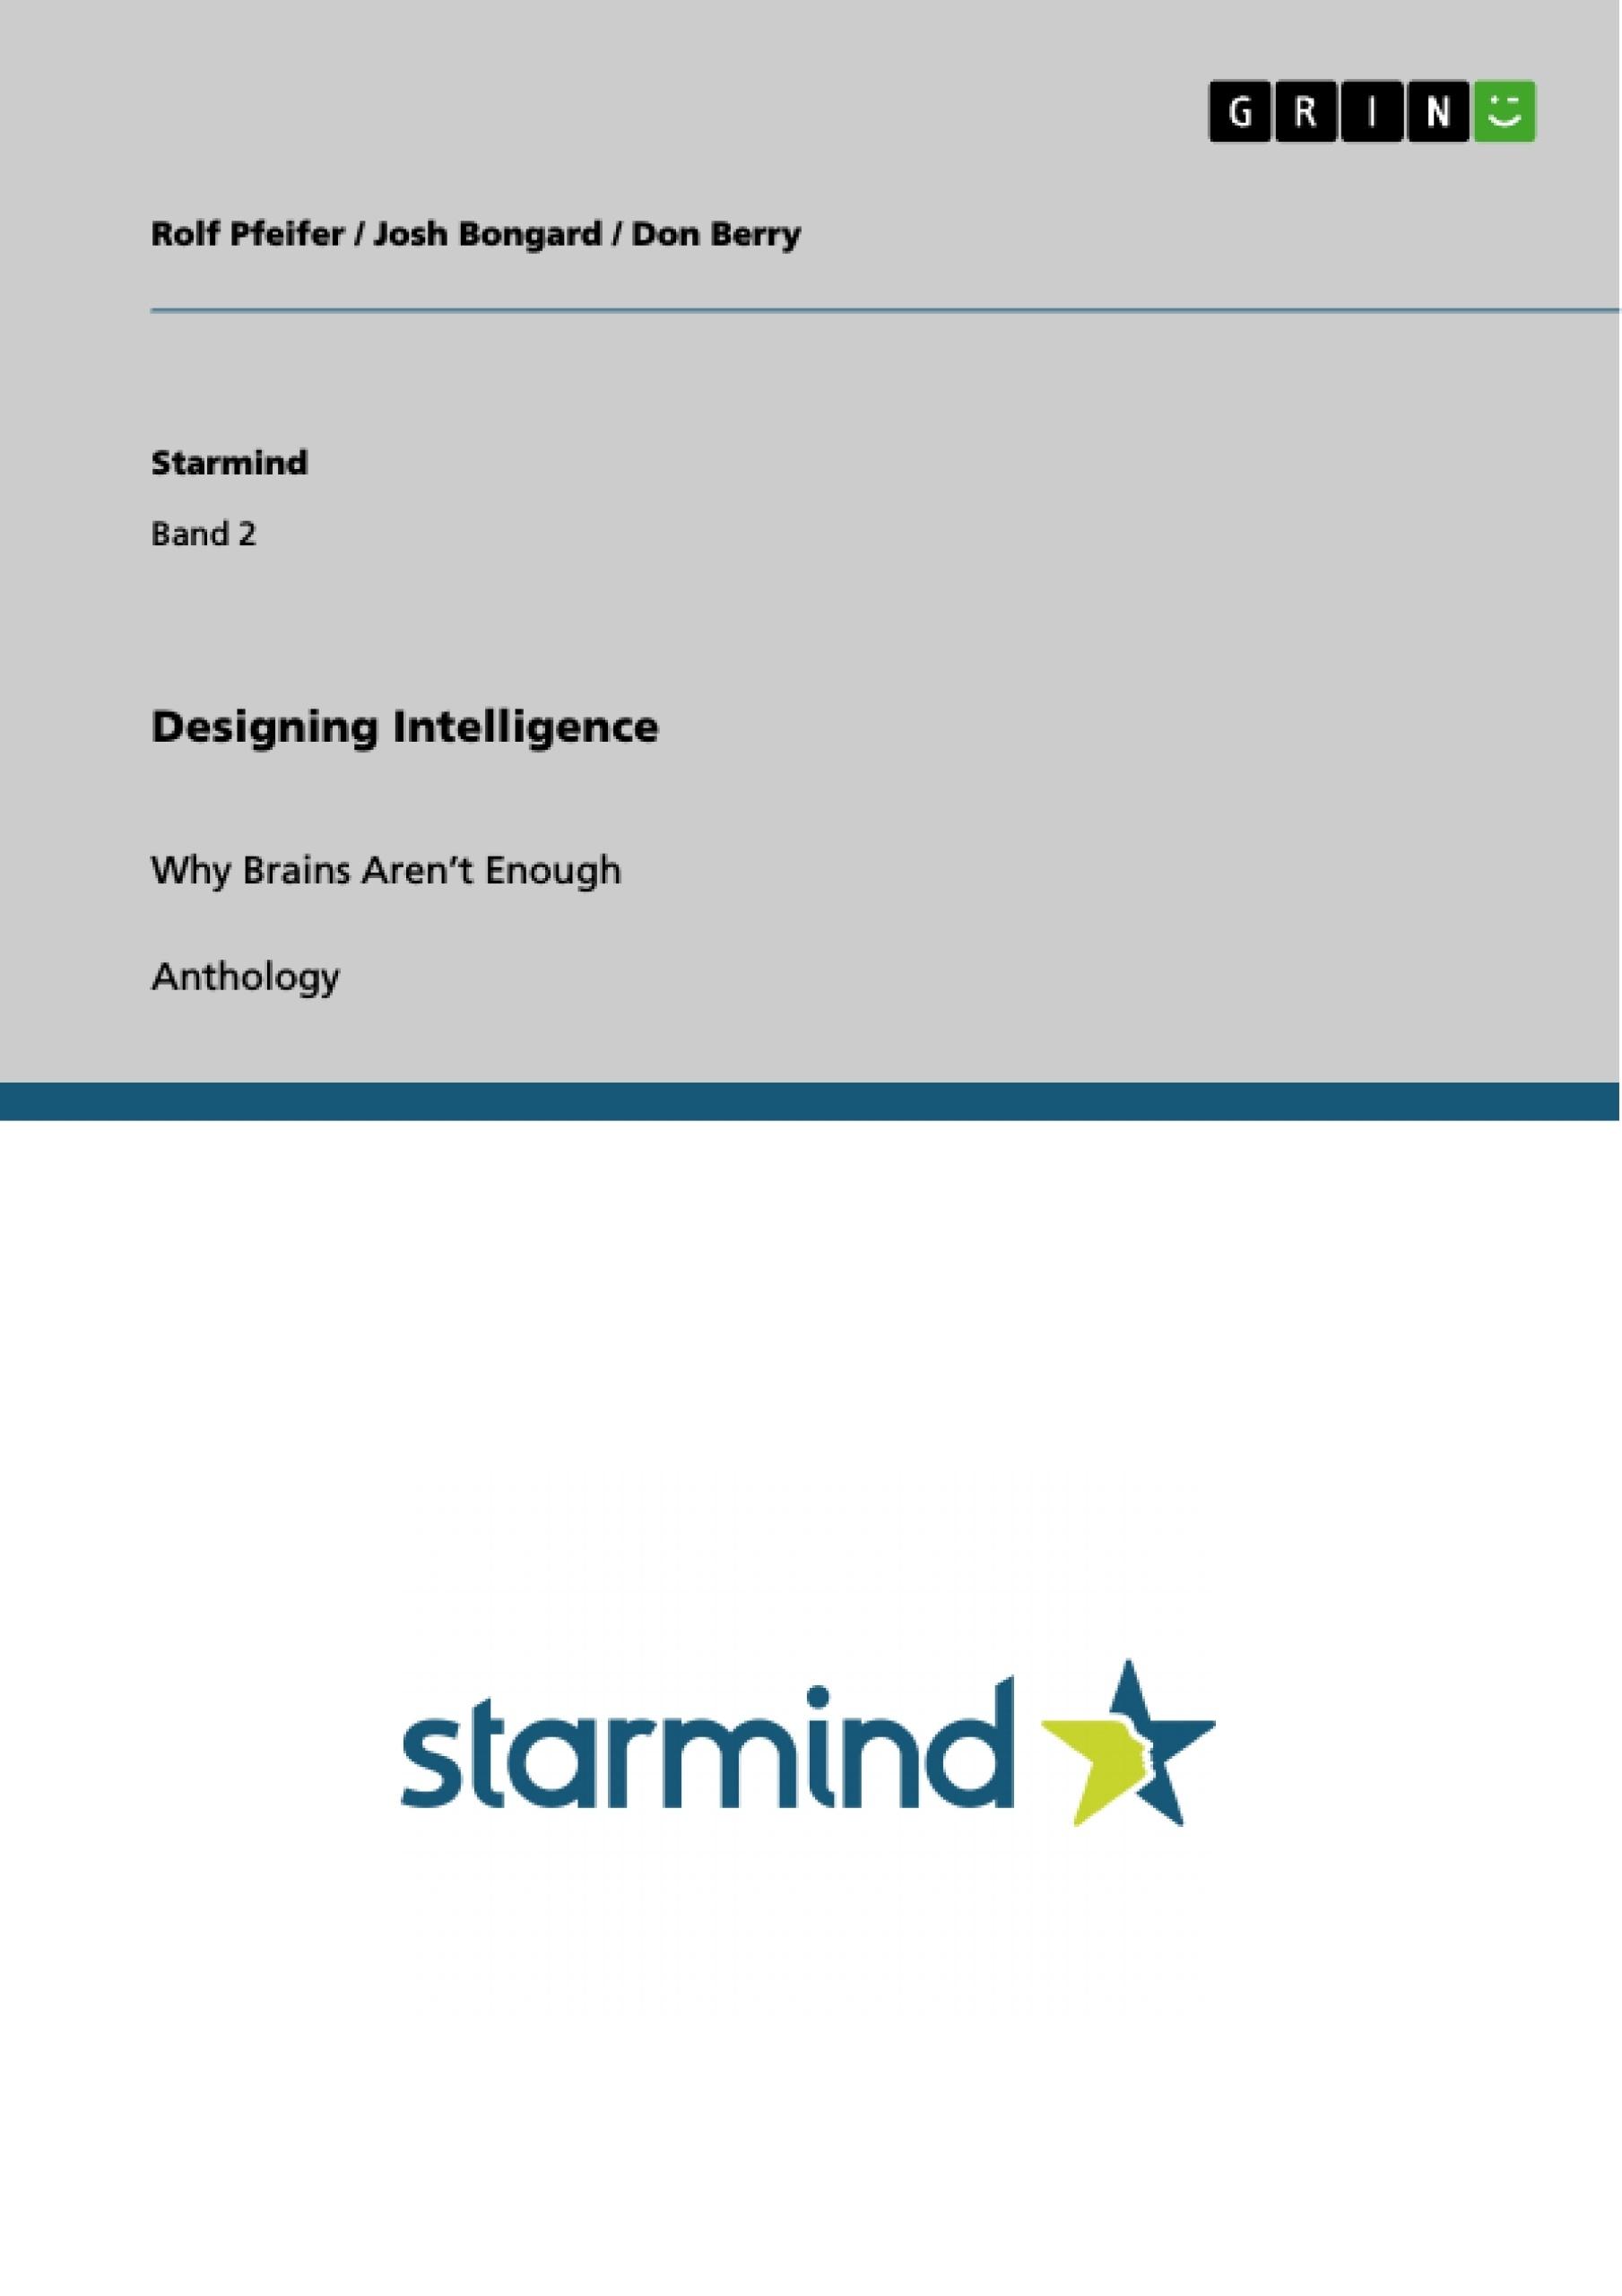 Title: Designing Intelligence